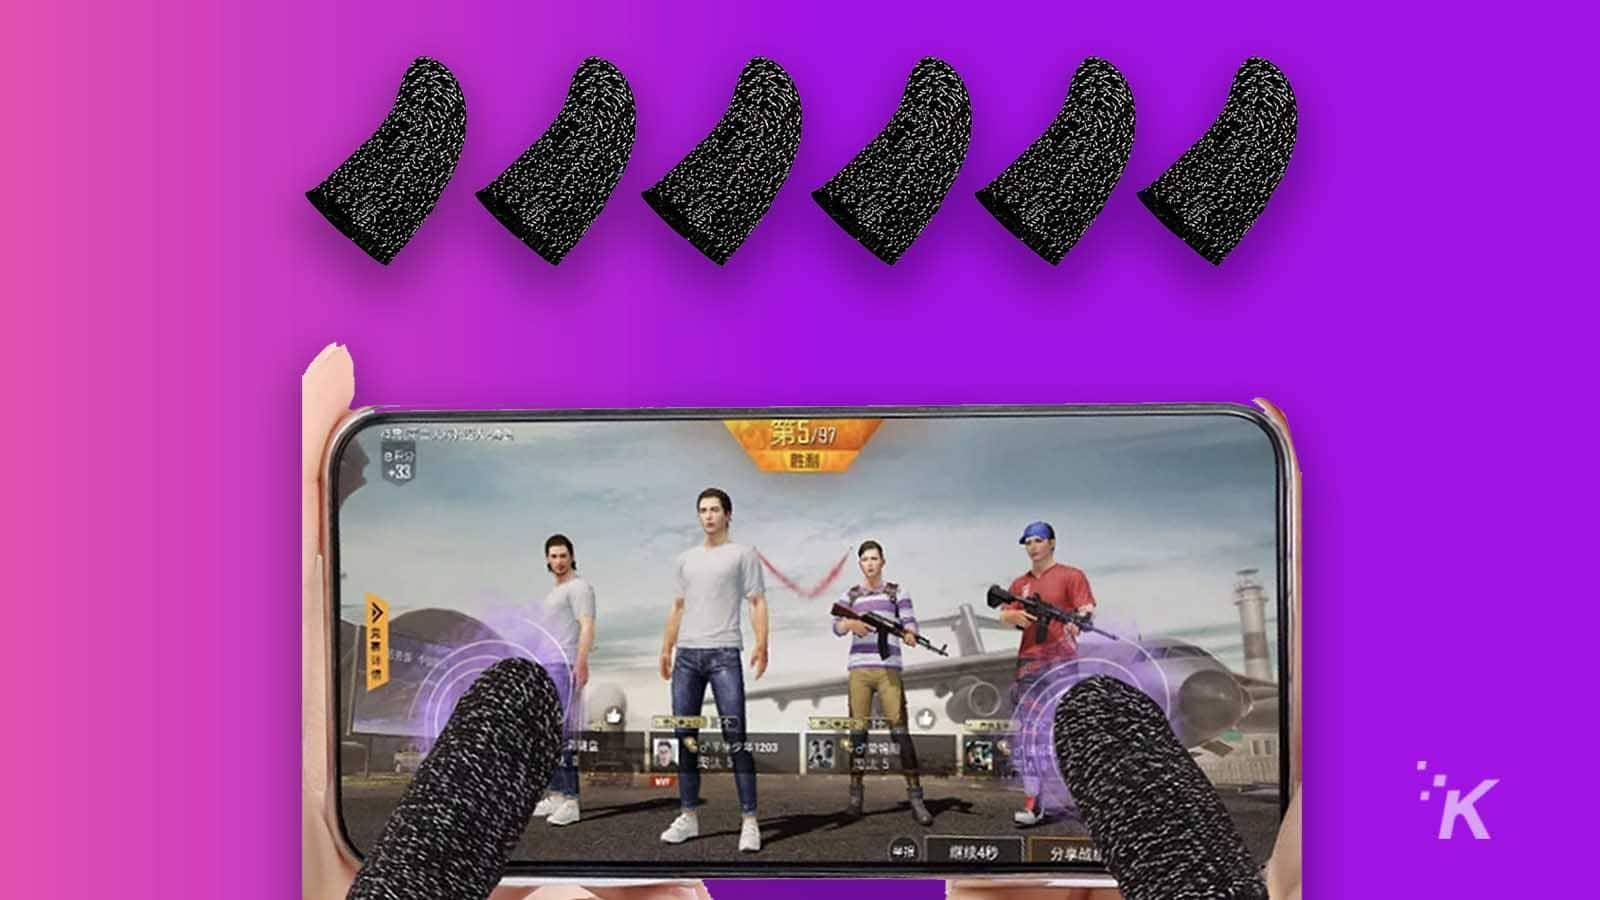 finger grips for mobile gaming